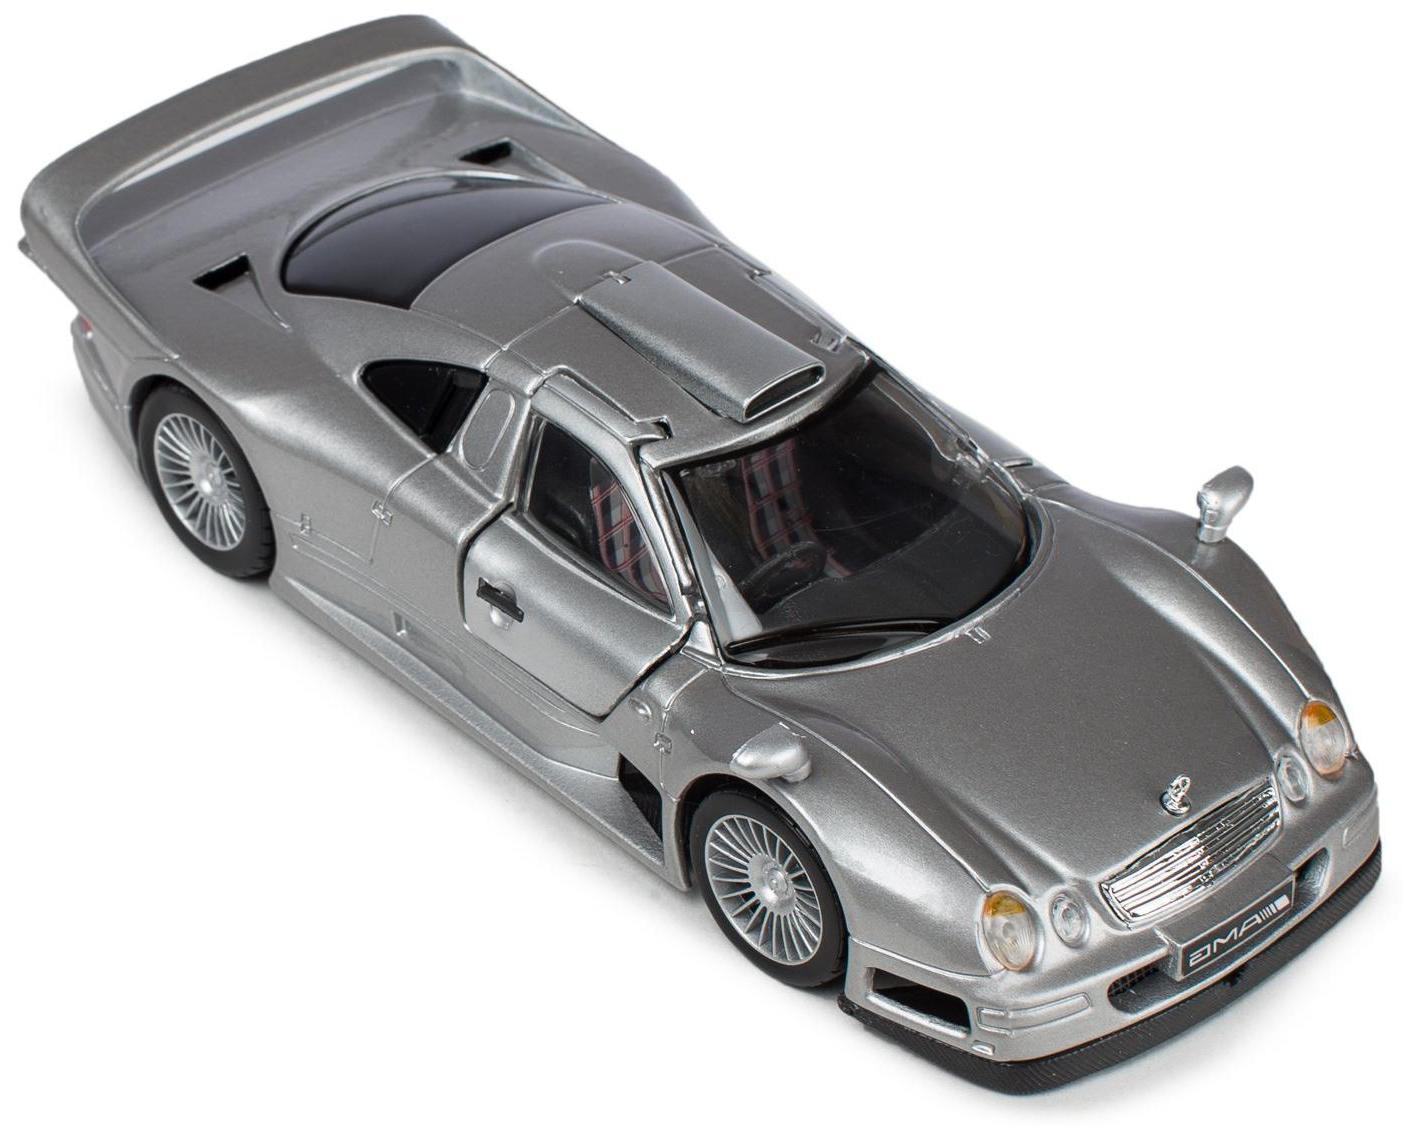 Купить Машинка Maisto серебряная - Mercedes-Benz CLK GTR уличная версия 1:24, Коллекционные модели